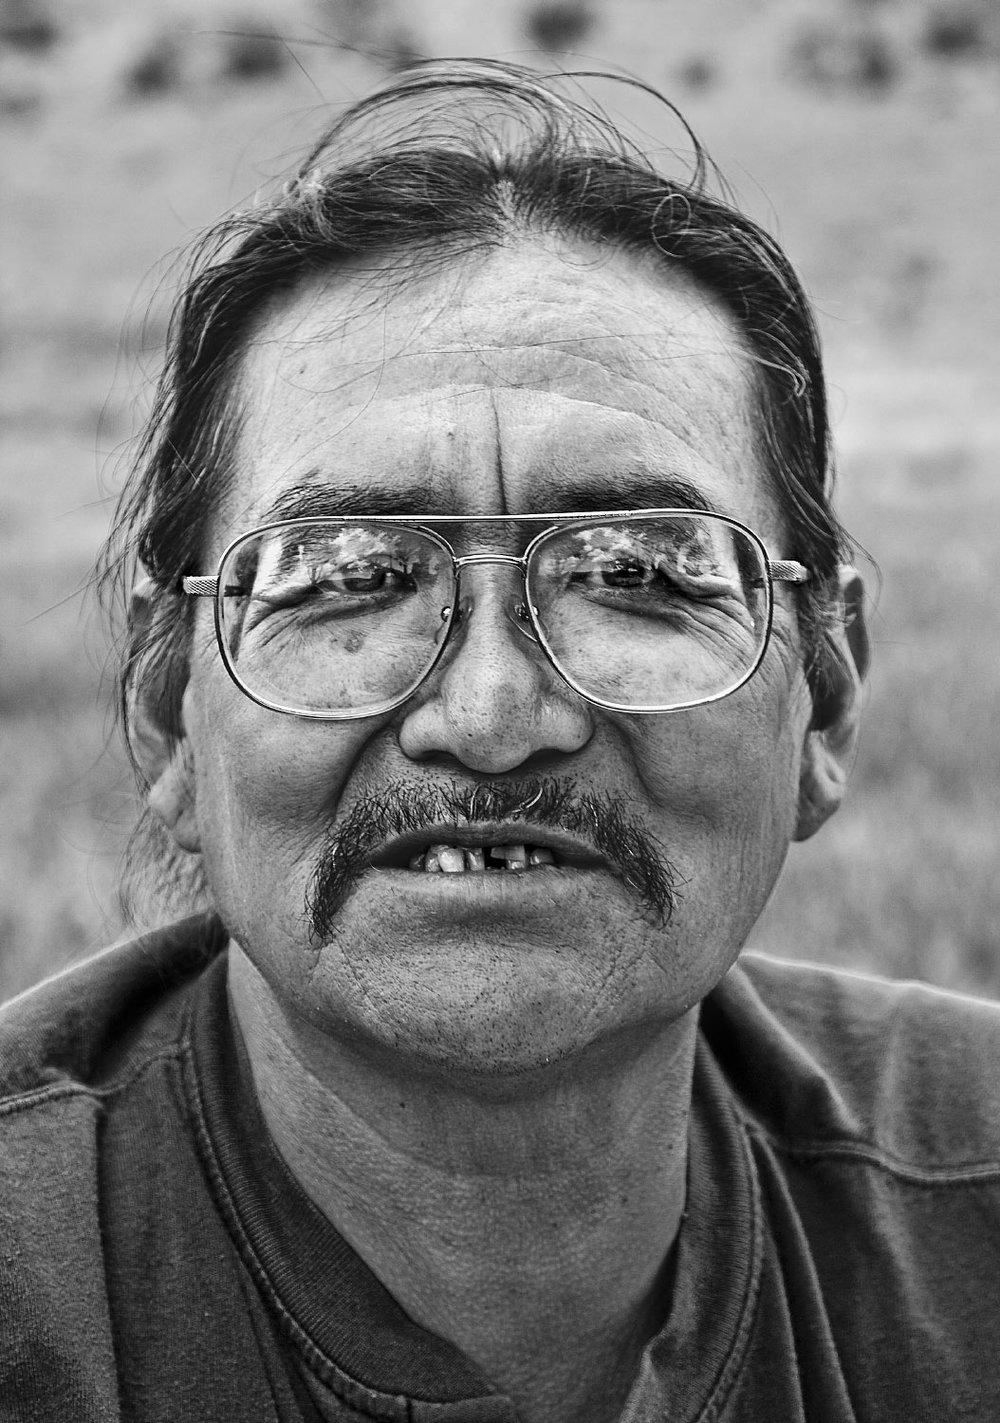 Jicarilla Apache black and white portrait Philmont Scout Ranch